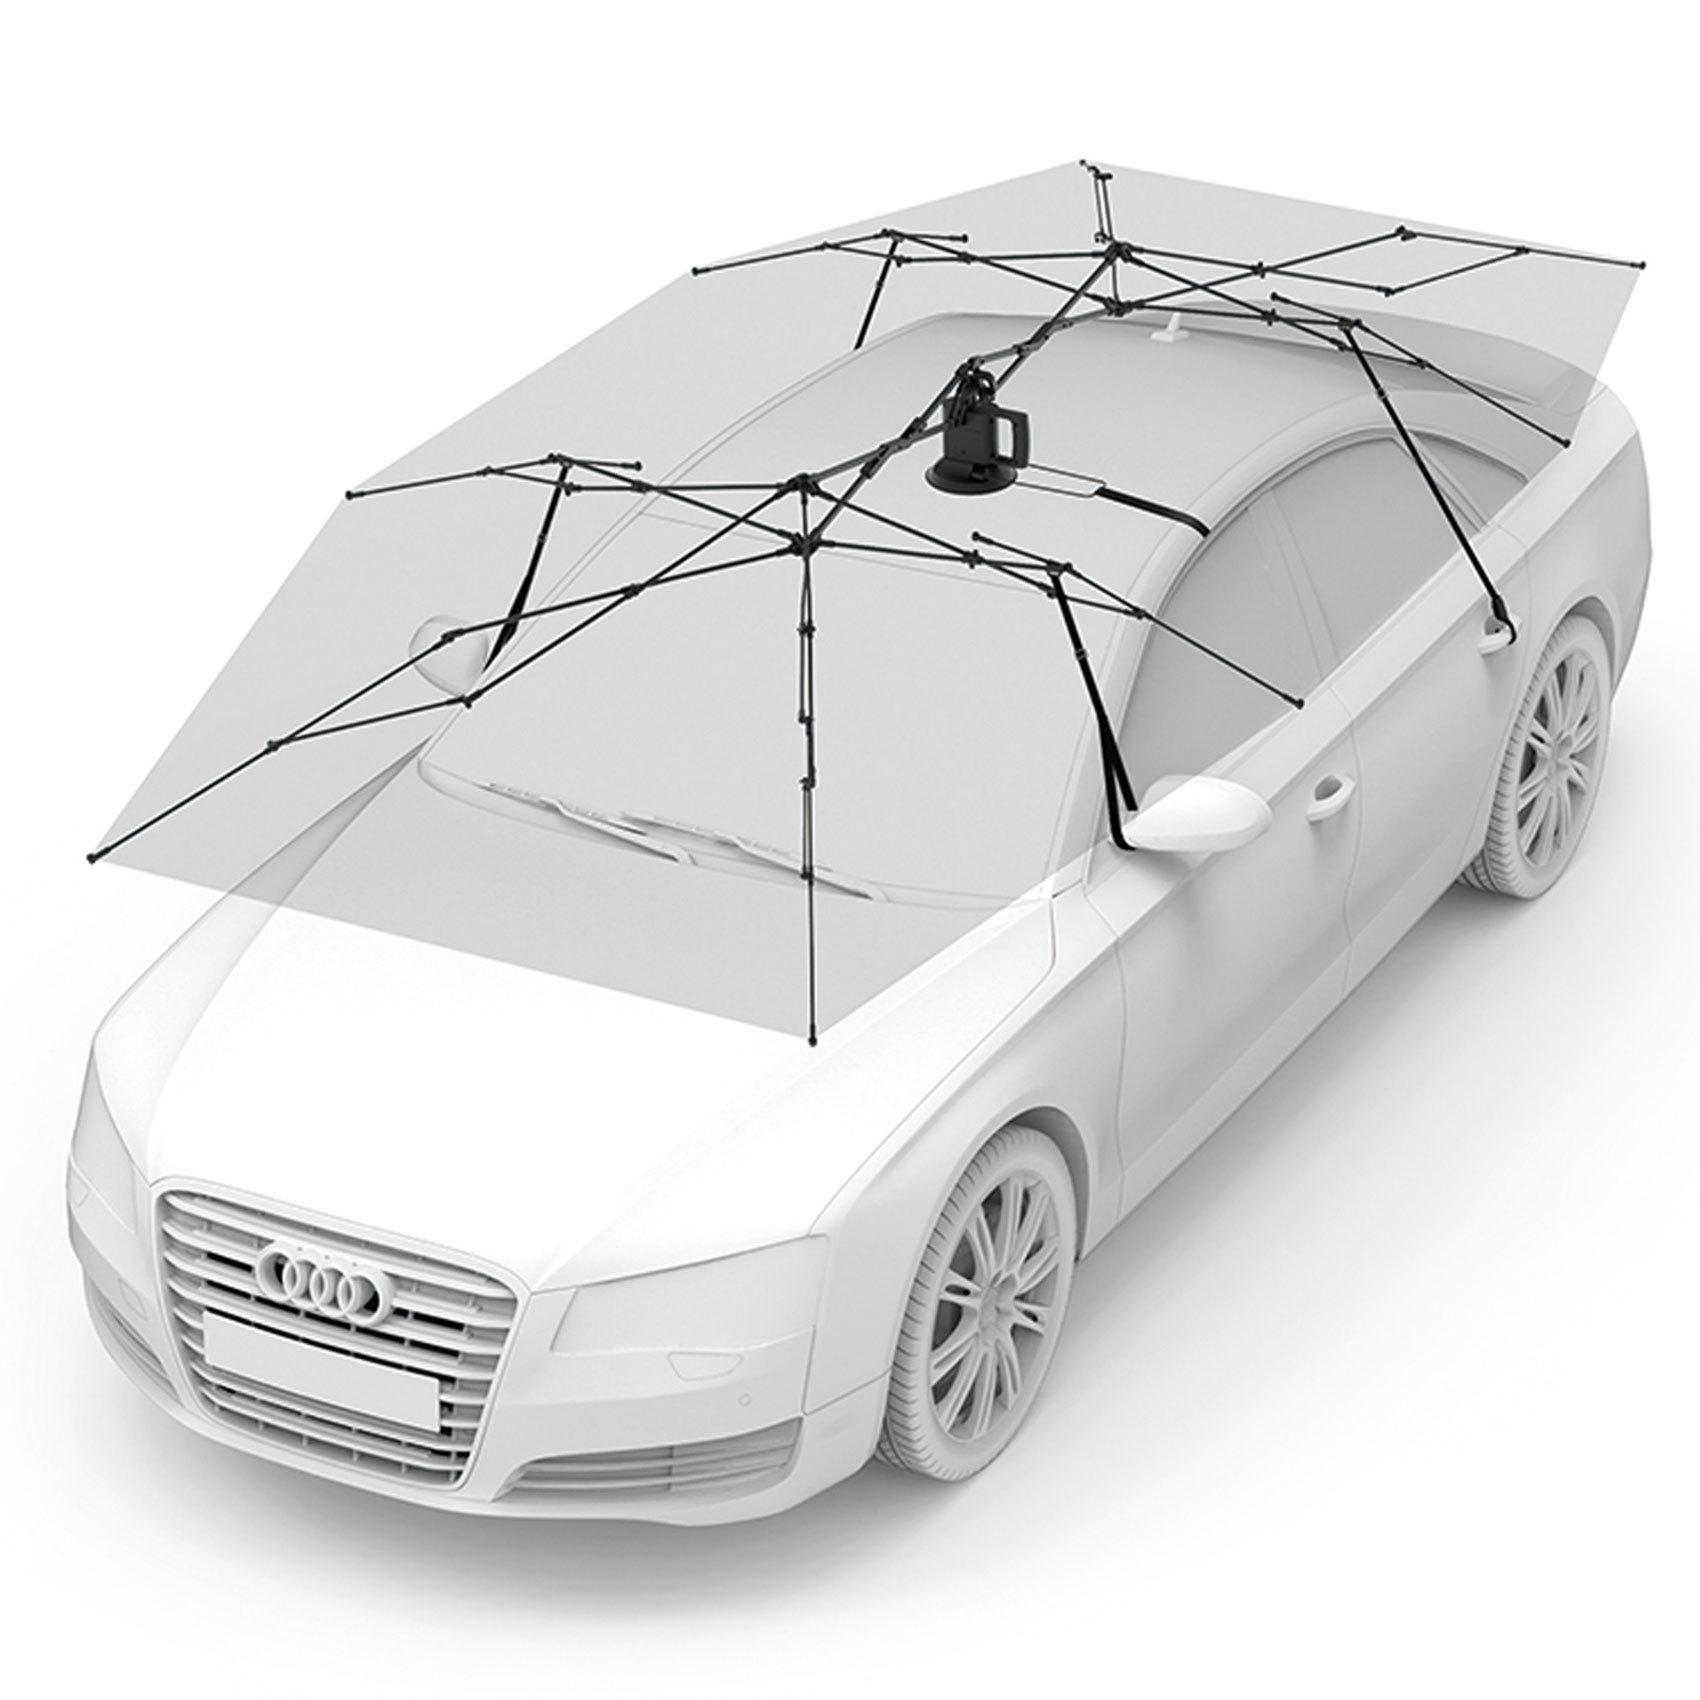 PROMATE AUTO CAR UMBRELLA W/REMOTE